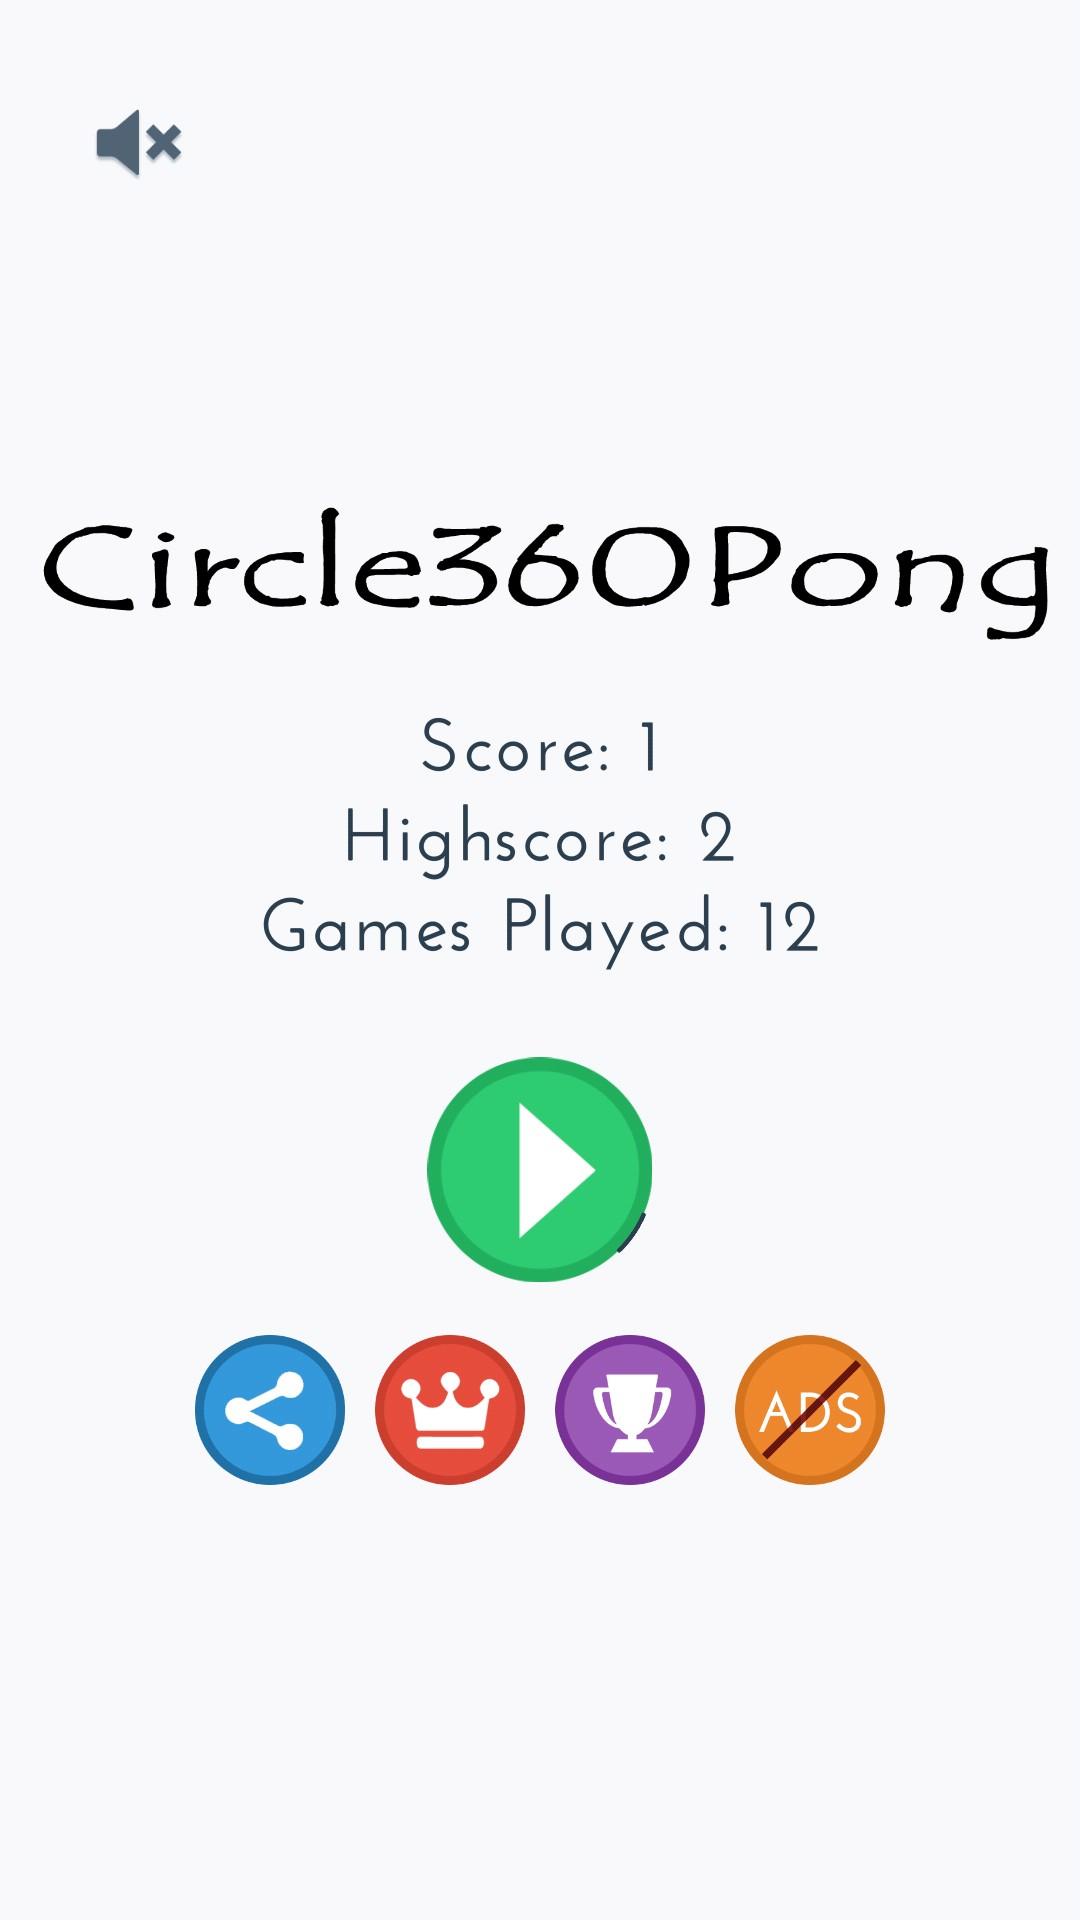 Circle 360 Pong